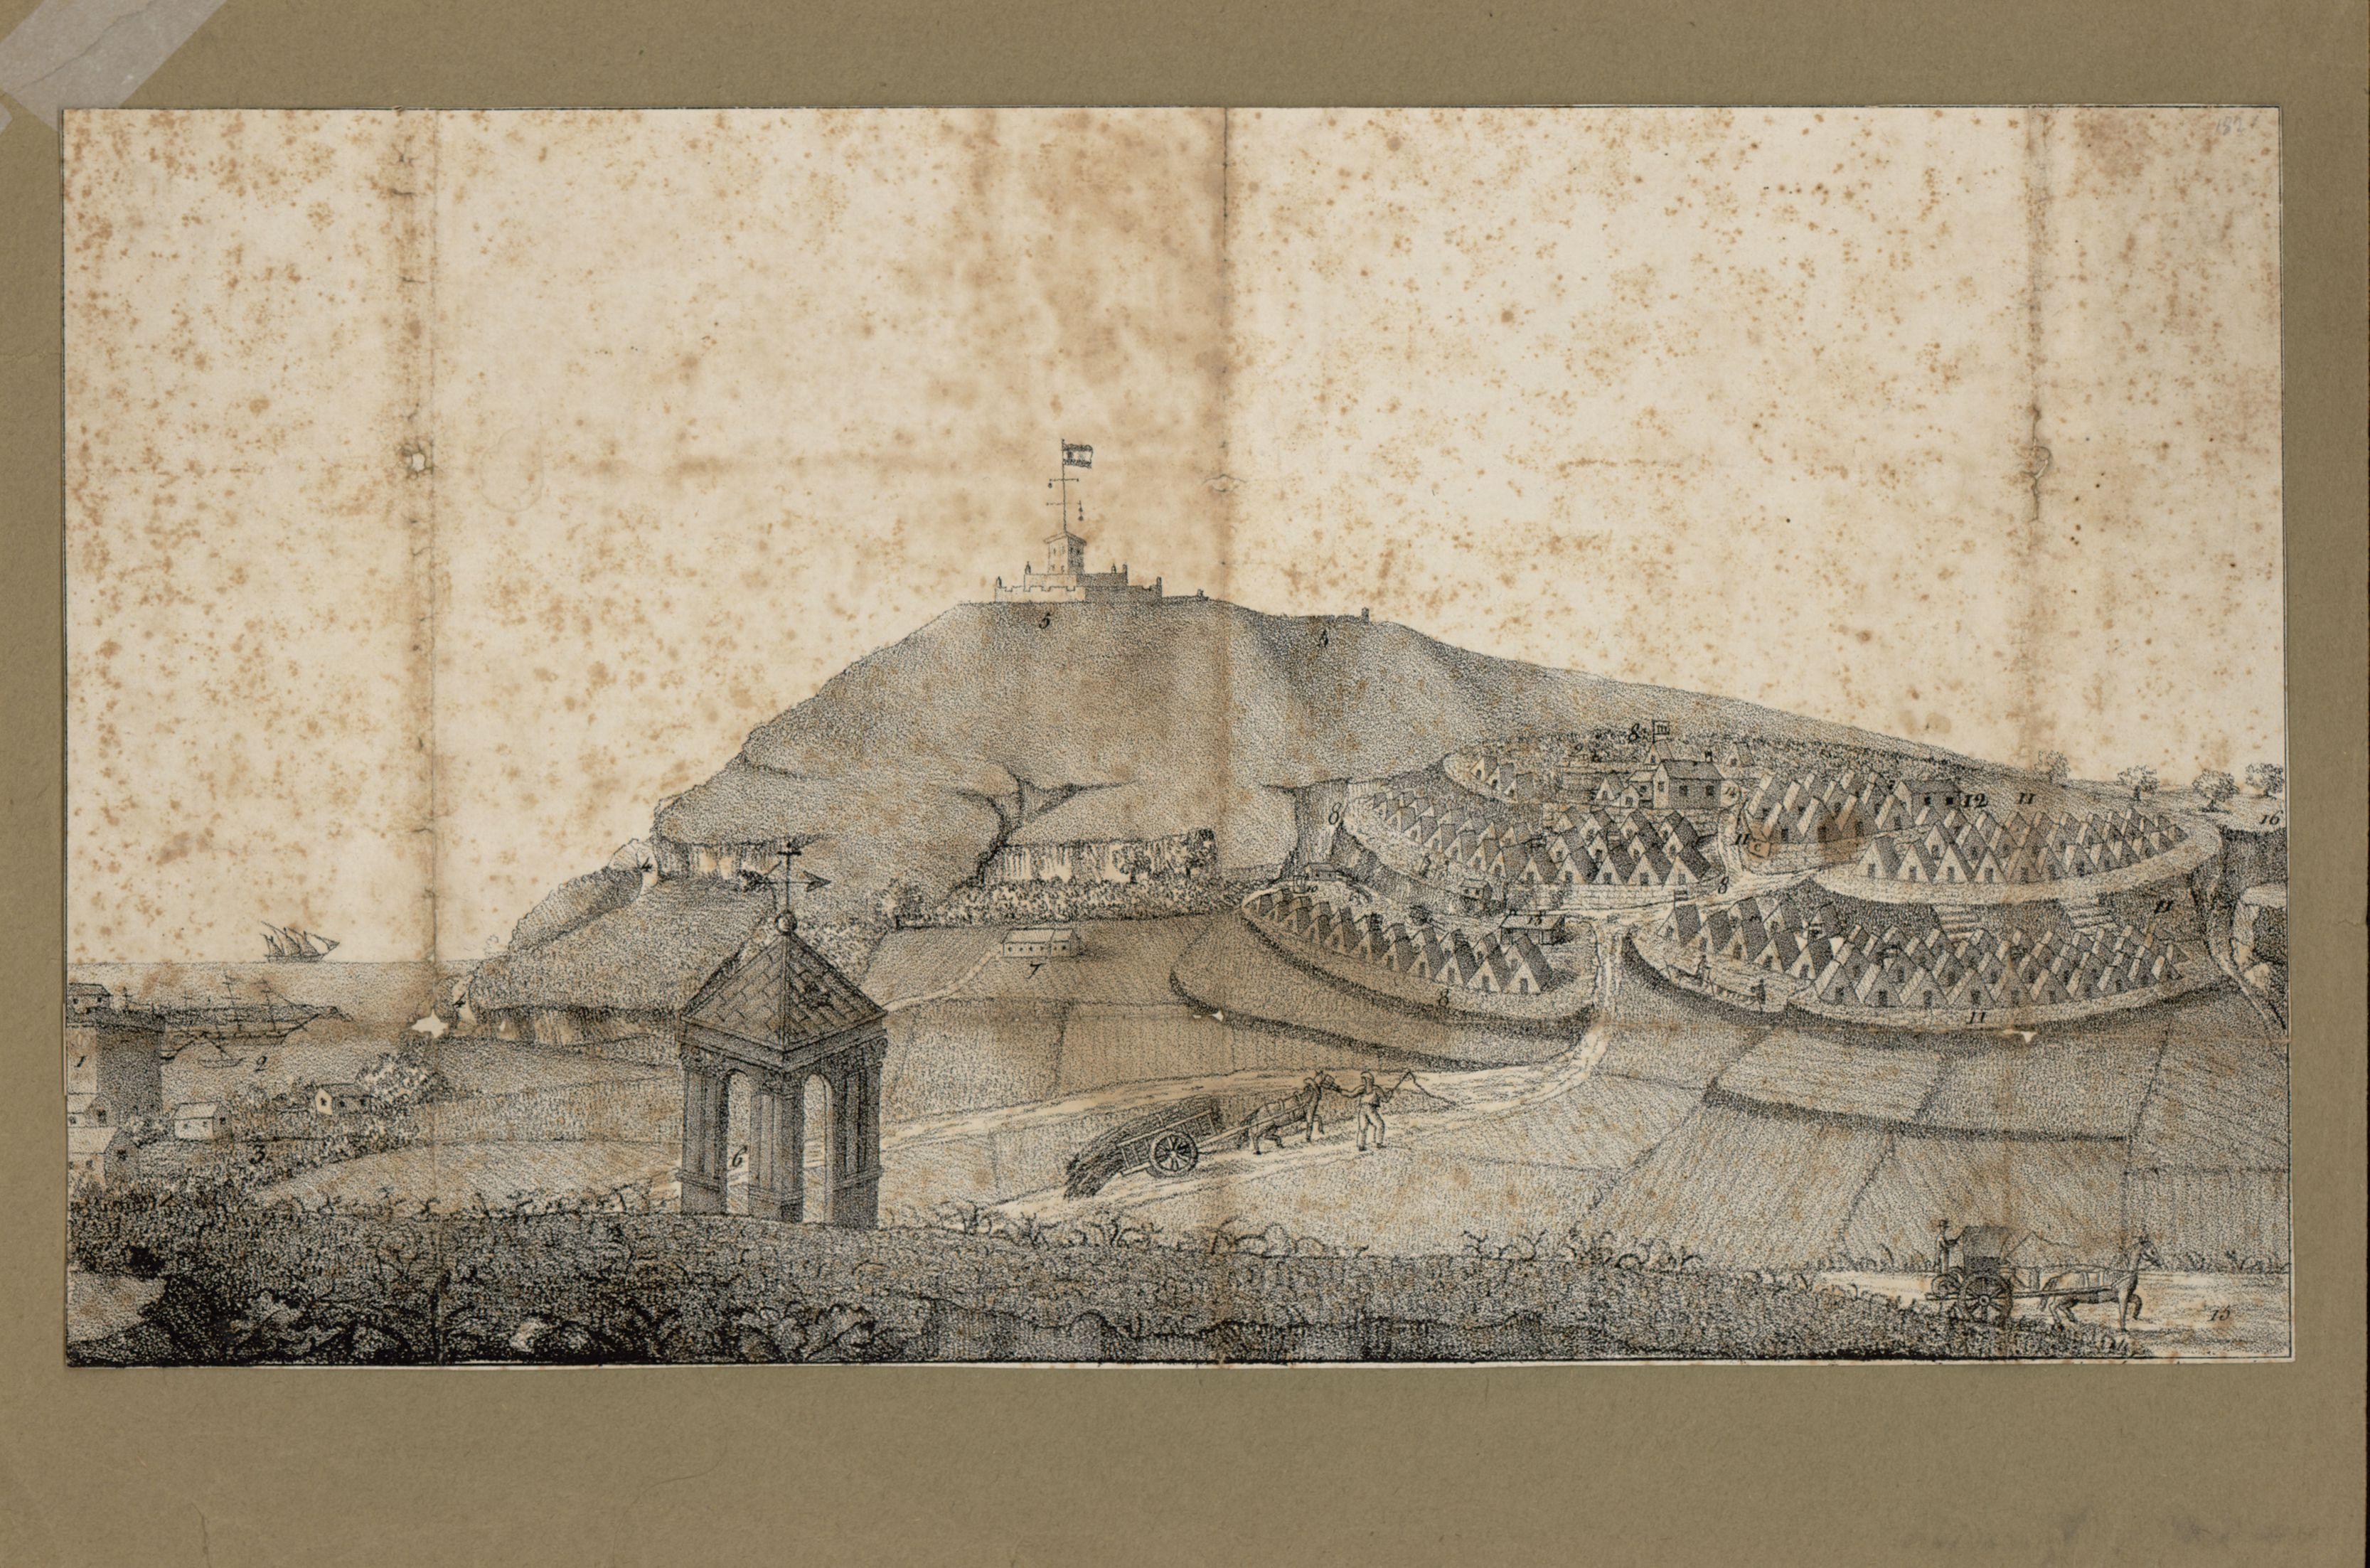 1821. Ciutat d'En Nyoca. Campament Sanitari a Montjuïc, vist des del Turó de la Vinyeta, amb la Creu Coberta. AHCB 04670